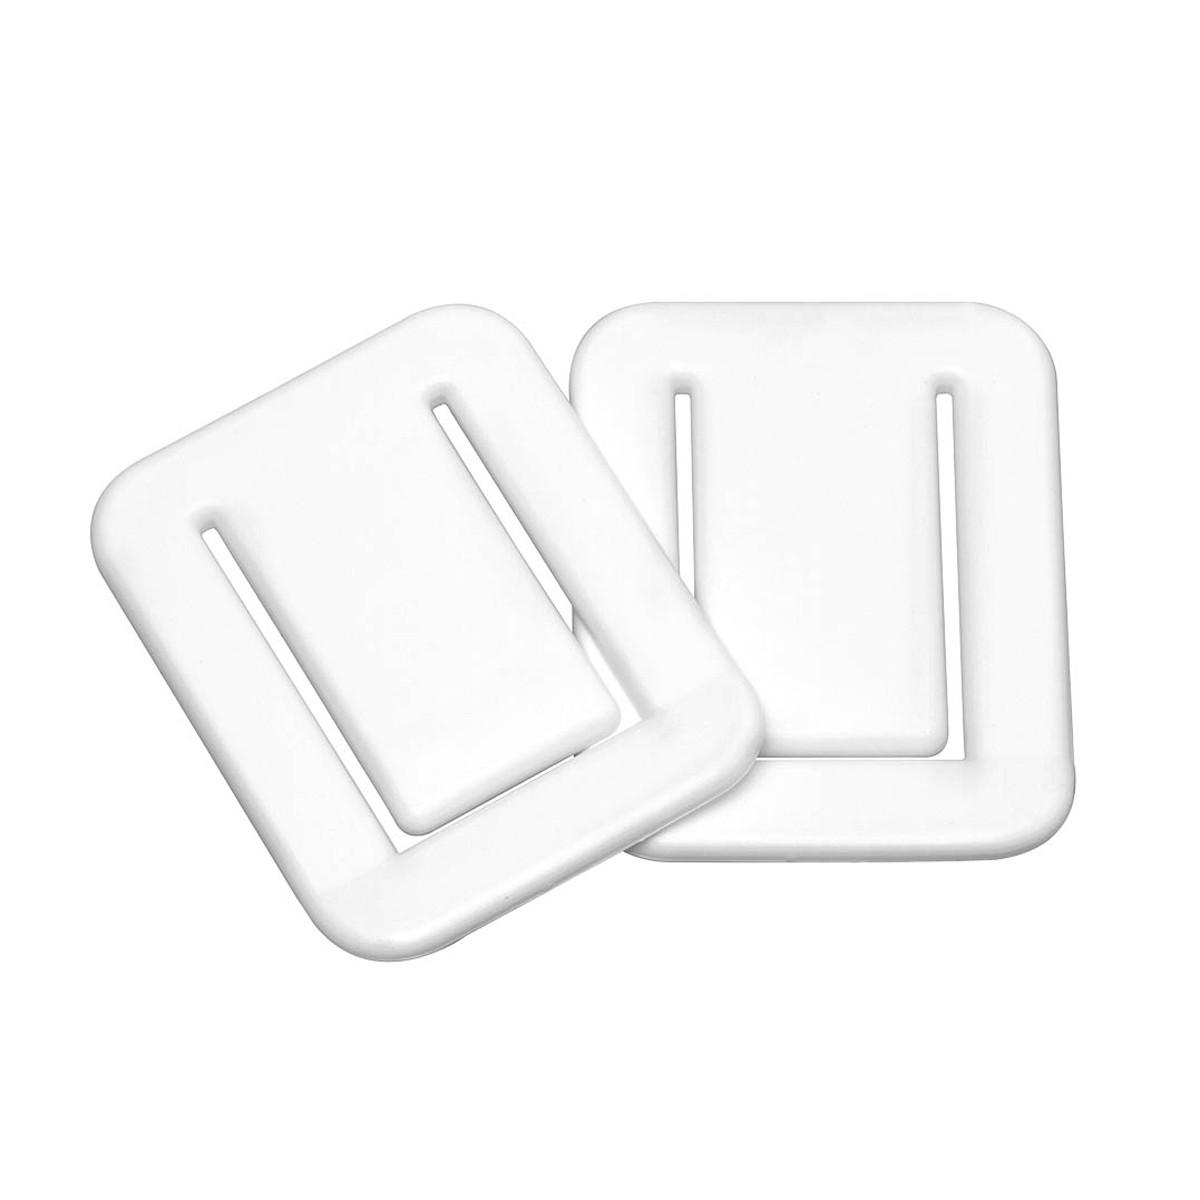 Στηρίγματα Σταθεροπoίησης Κουρτίνας Μπάνιου (Σετ 2τμχ) SealSkin Fix White